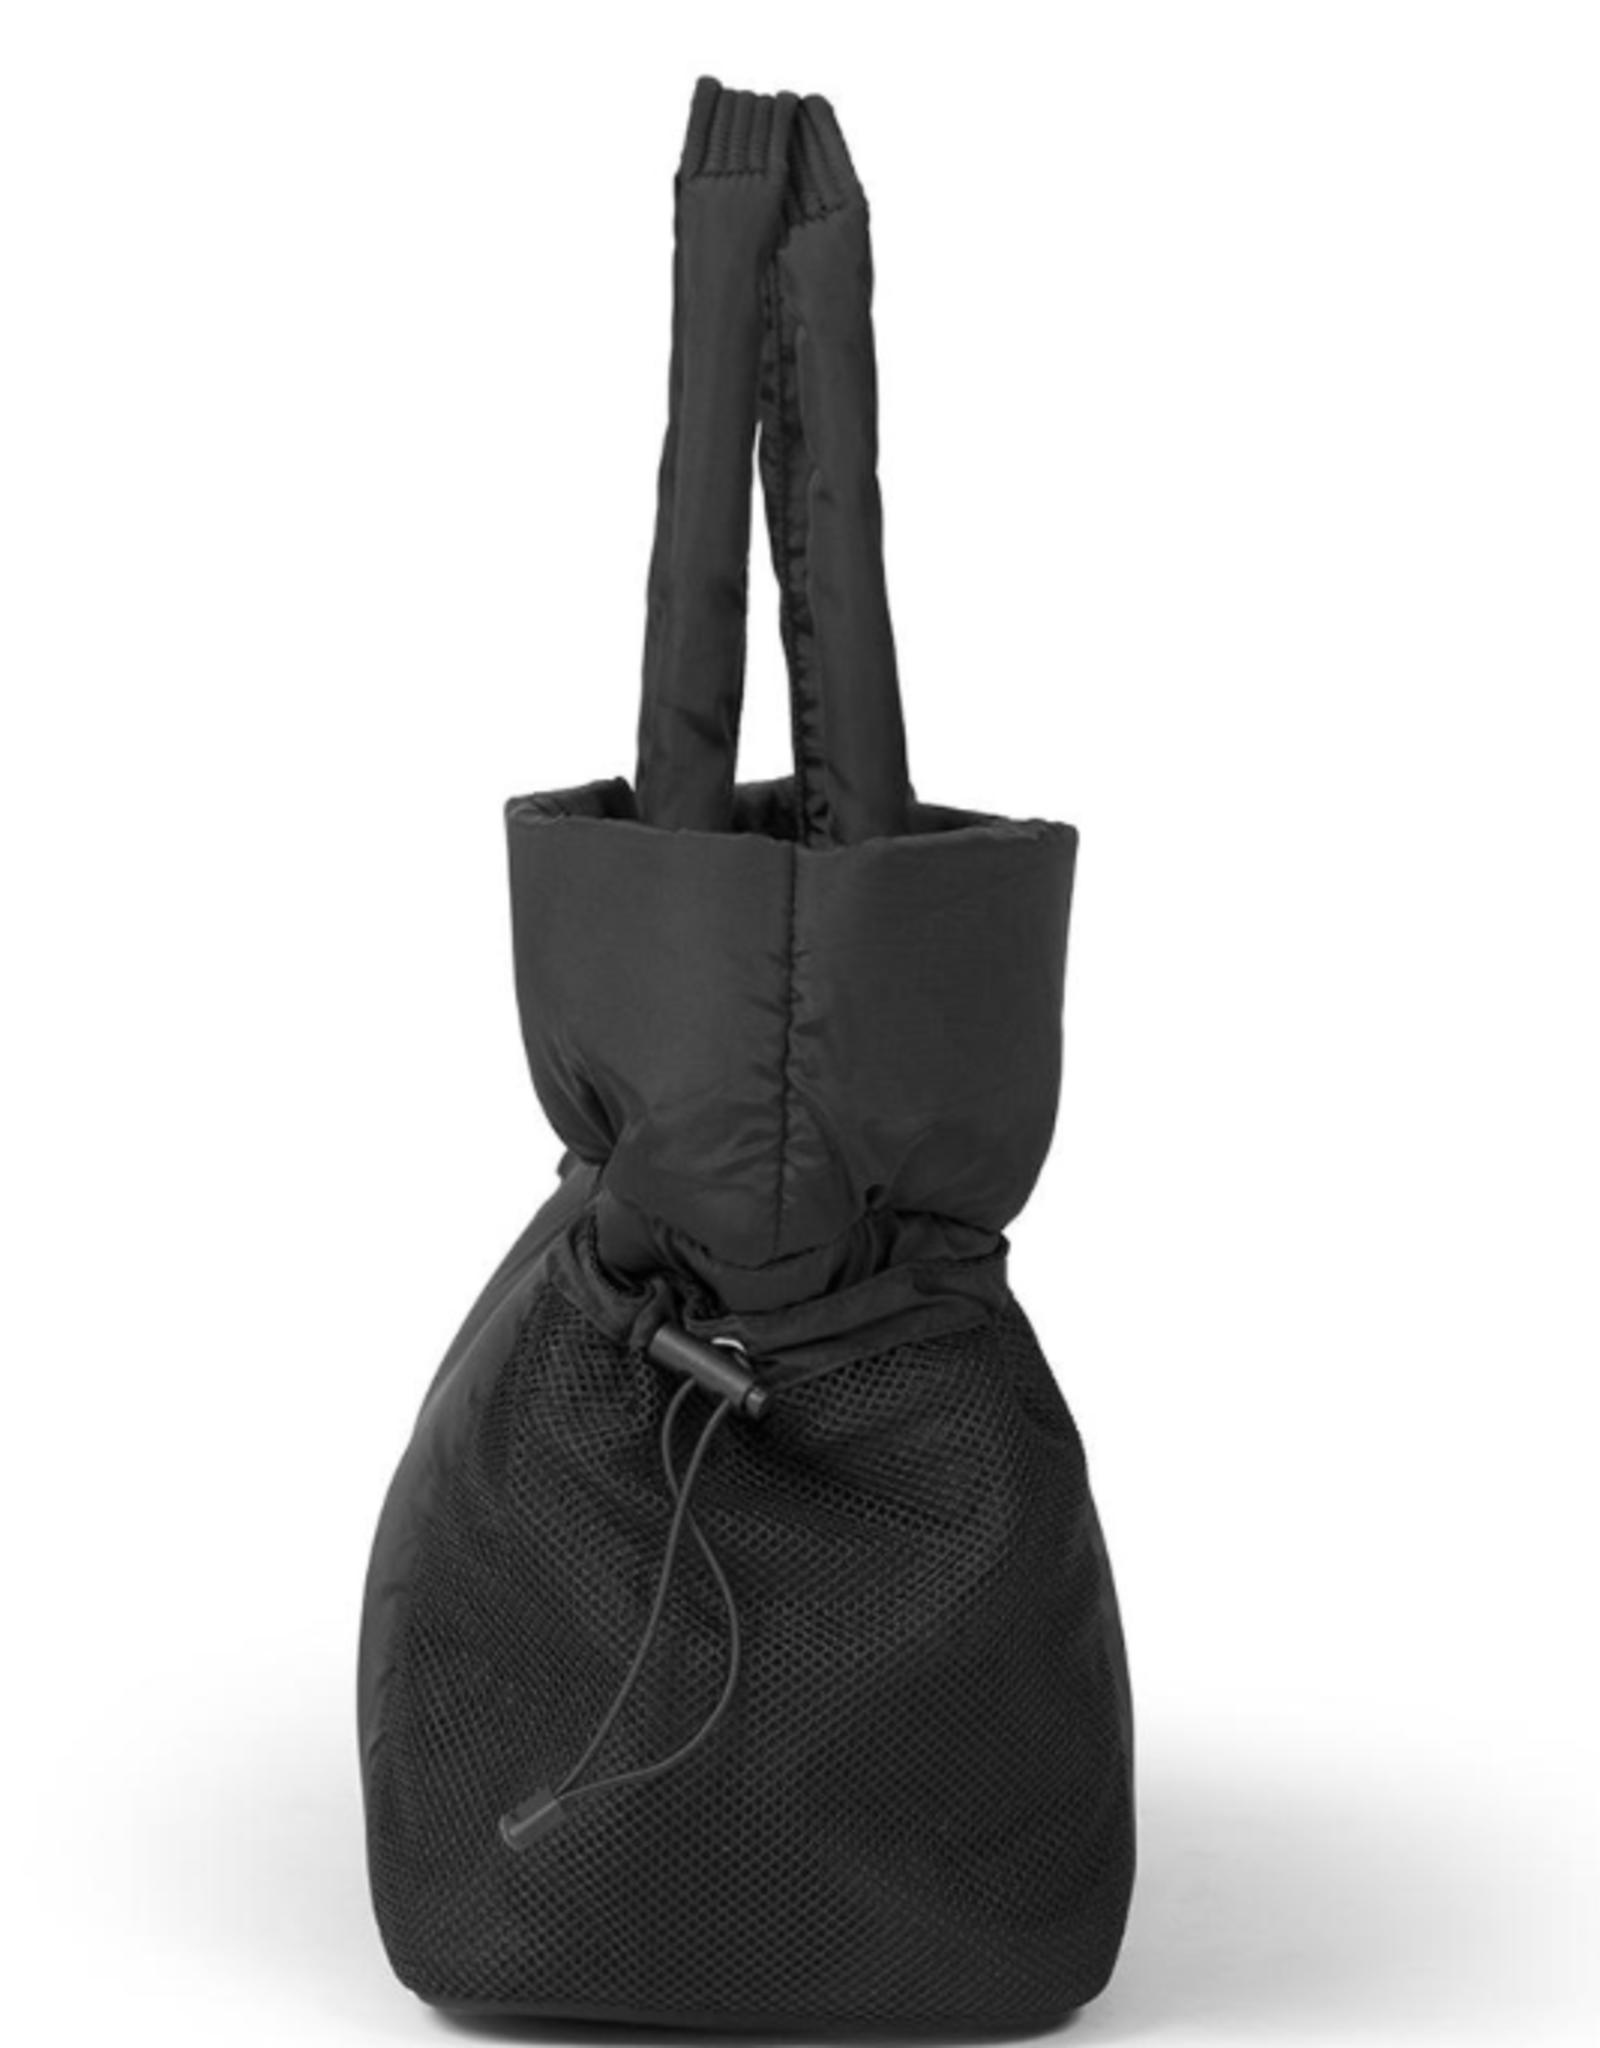 BLOCH DUFFLE DANCE BAG (A319)